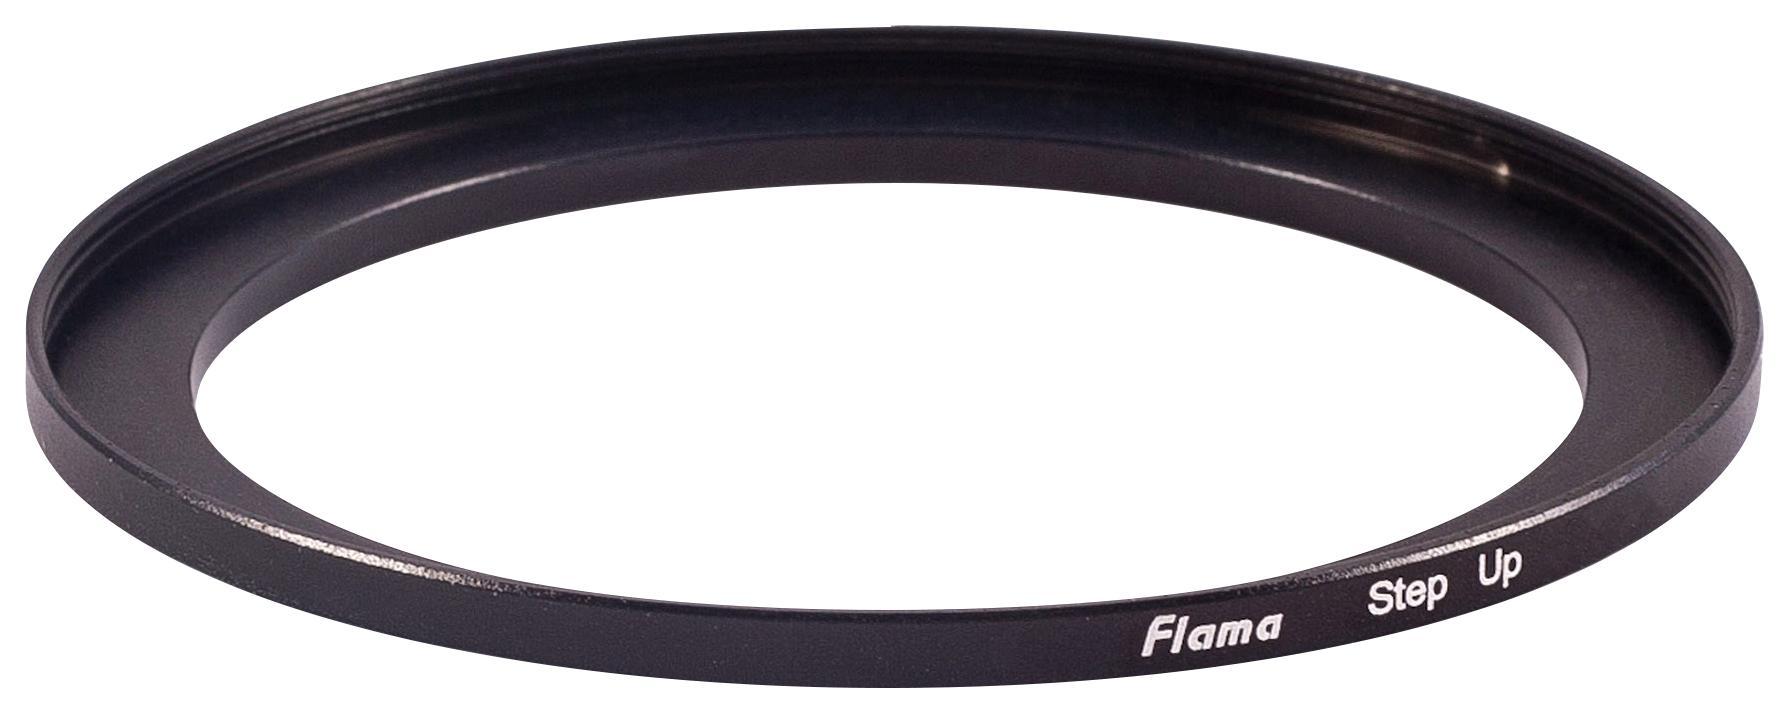 Flama переходное кольцо для фильтра 58-67 mmПереходное кольцо для фильтра Flama 58-67 mm помогает расширить возможности для съемки, подходит для любых объективов. Оно позволяет устанавливать на объектив фотоаппарата светофильтры разного диаметра. Переходное кольцо для фильтра Flama 58-67 мм необход...<br>